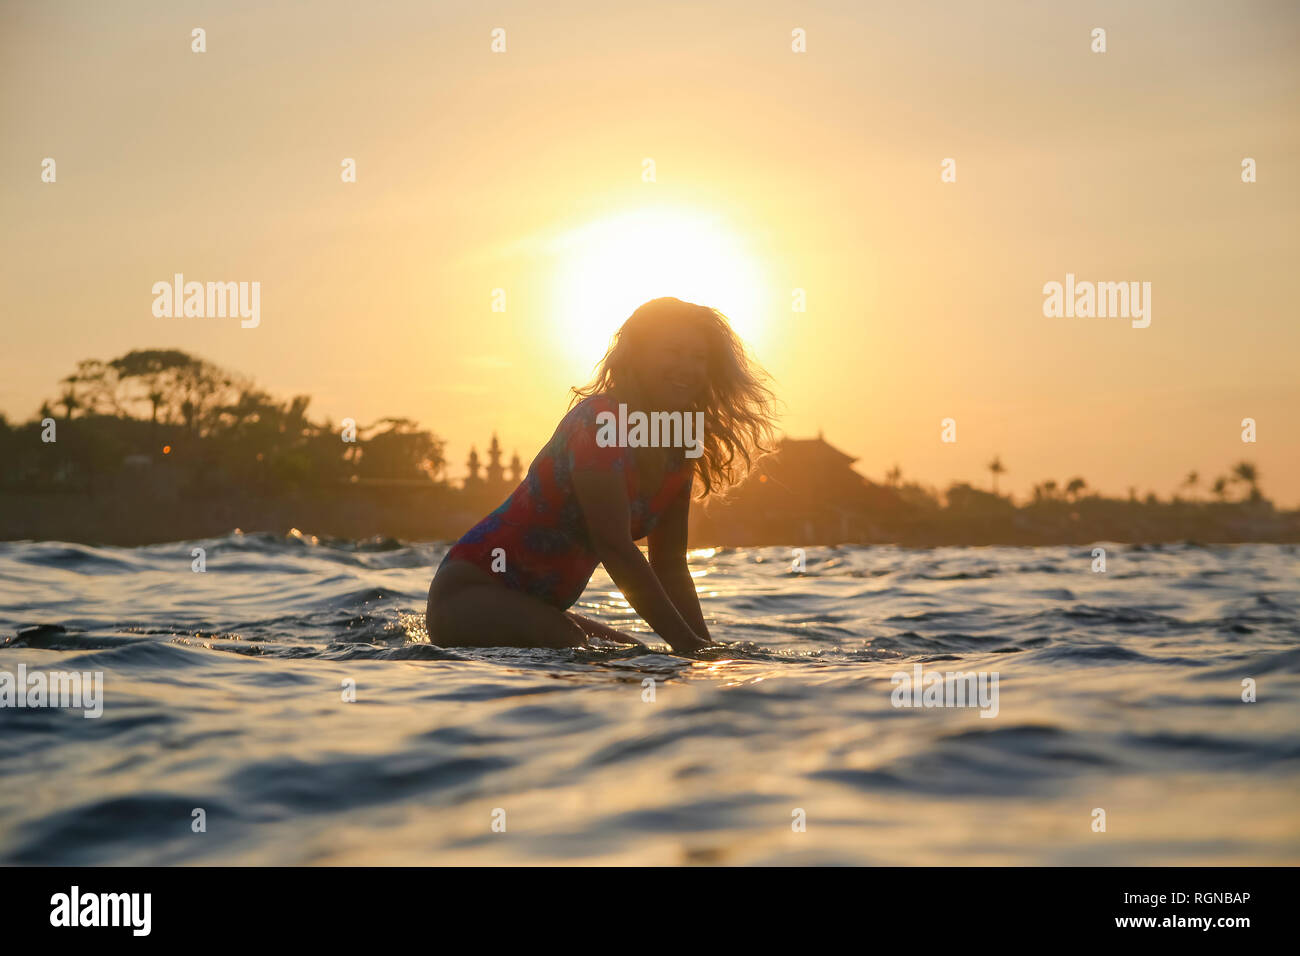 L'INDONÉSIE, Bali, pregnant woman sitting on surfboard au coucher du soleil Banque D'Images